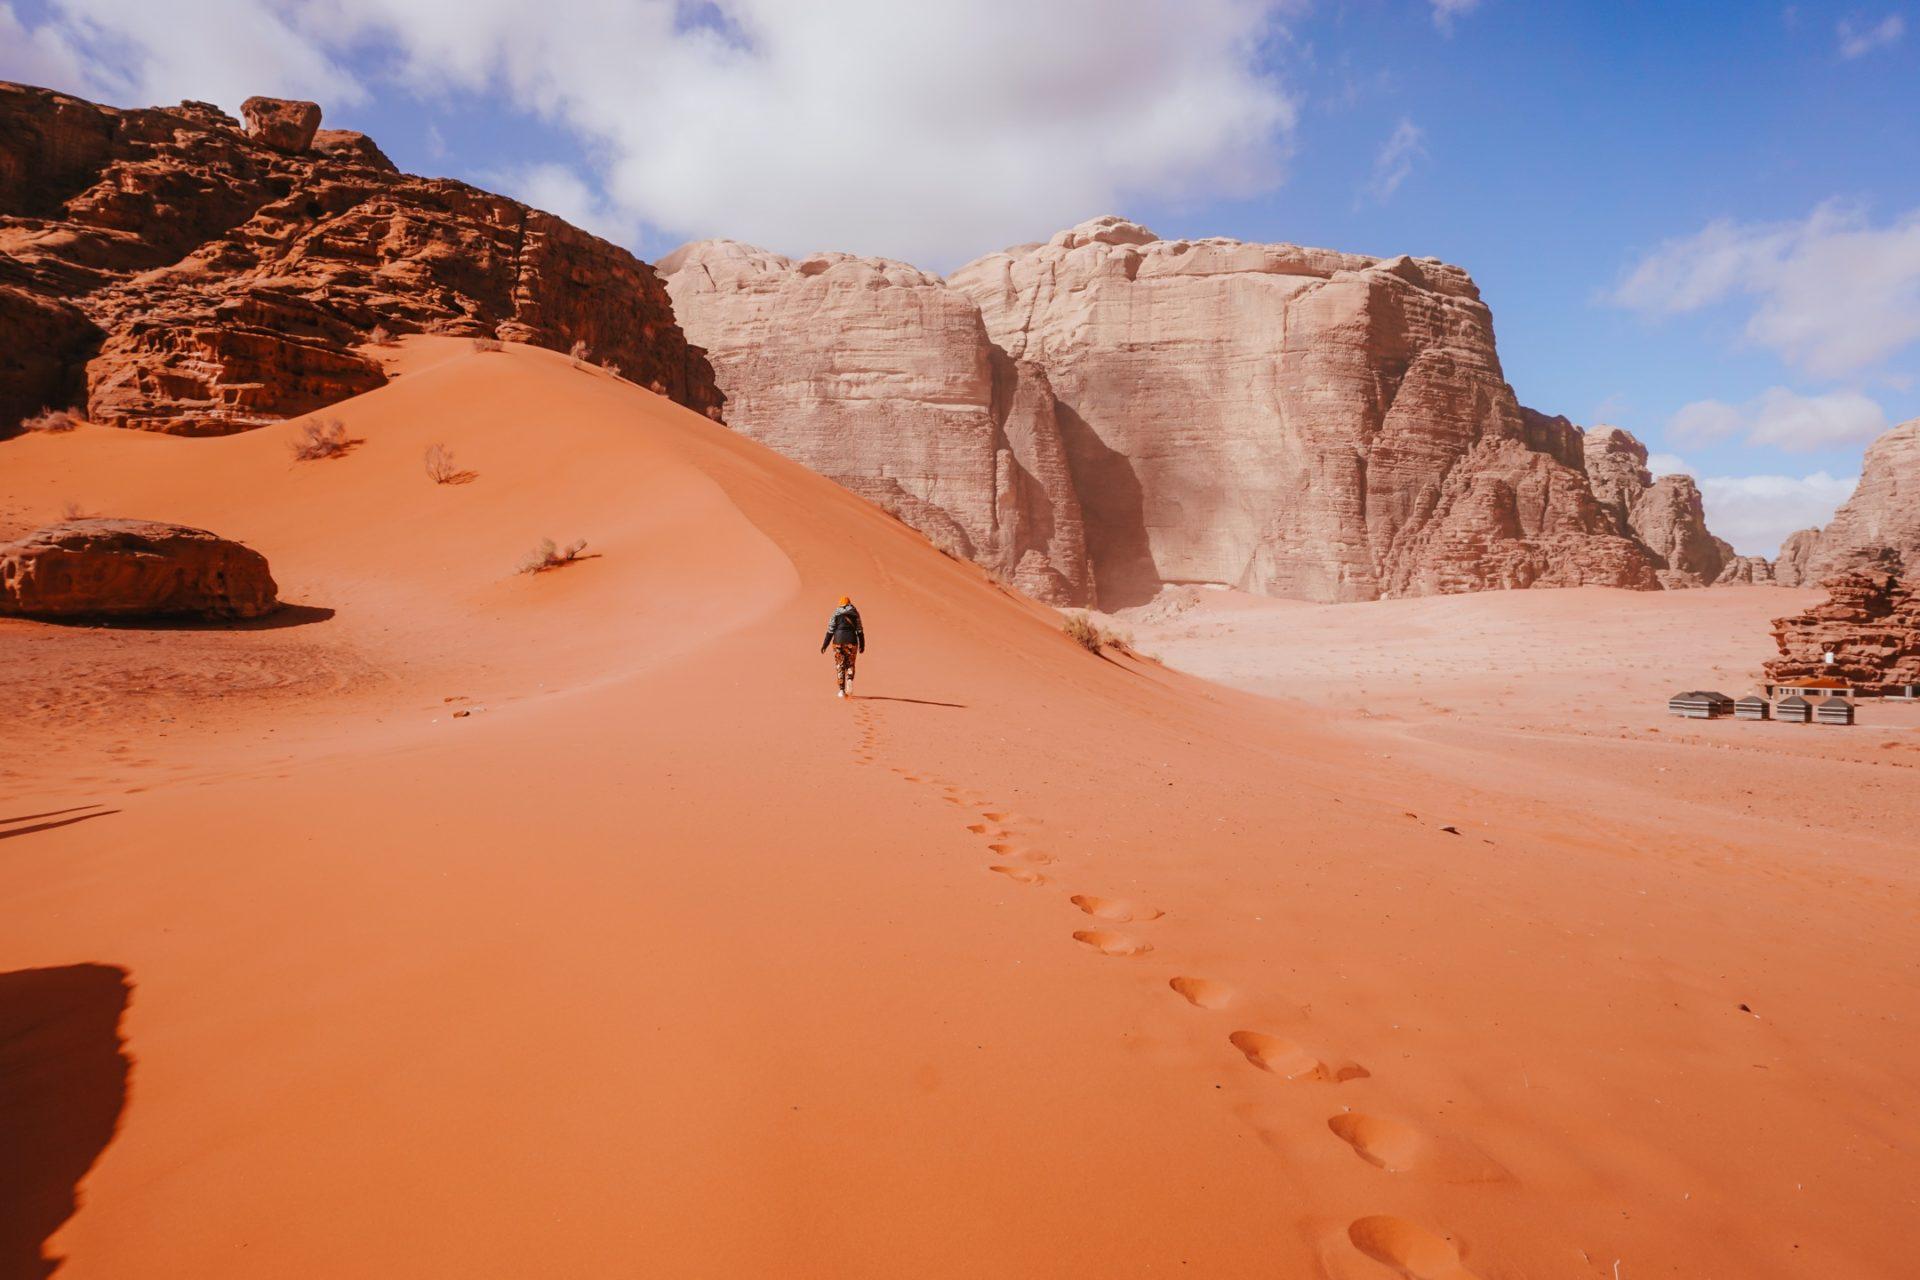 wadi-rum-giordania panannablogdiviaggi due chiacchiere tusoperator